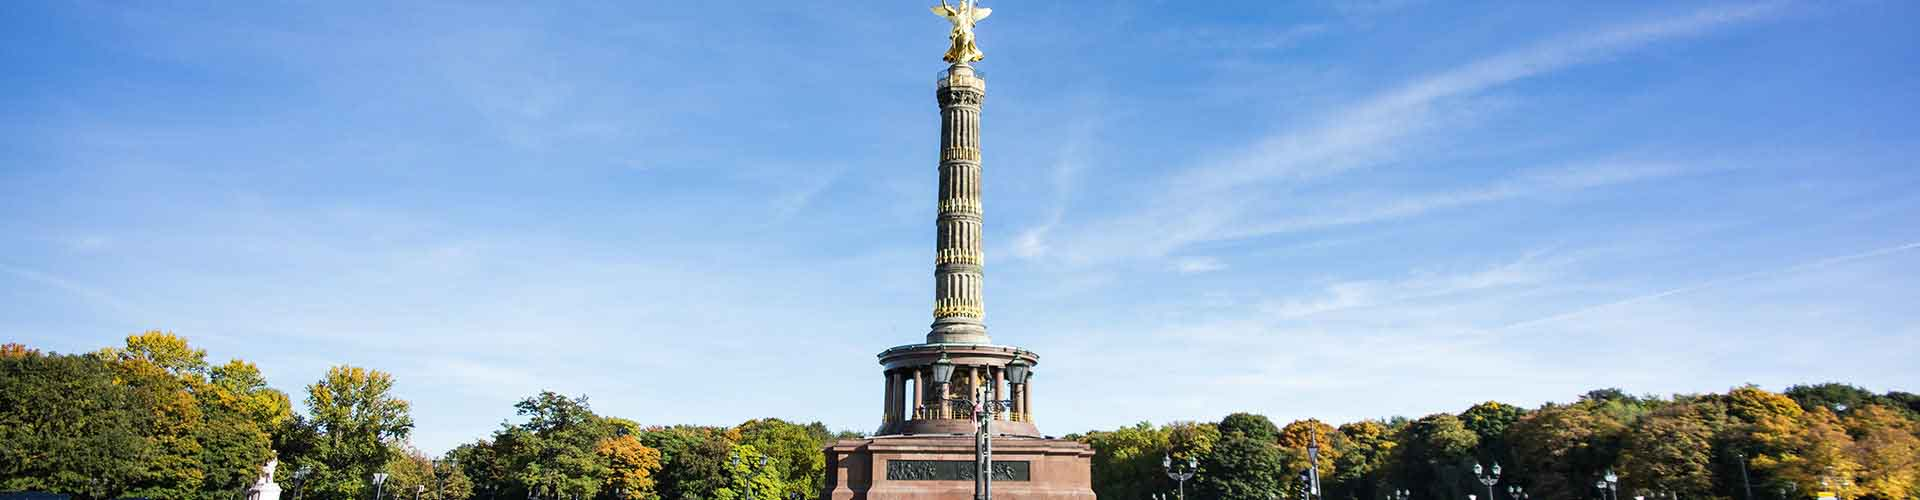 베를린 - 베를린 승리 칼럼에 가까운 호스텔. 베를린의 지도, 베를린에 위치한 호스텔에 대한 사진 및 리뷰.